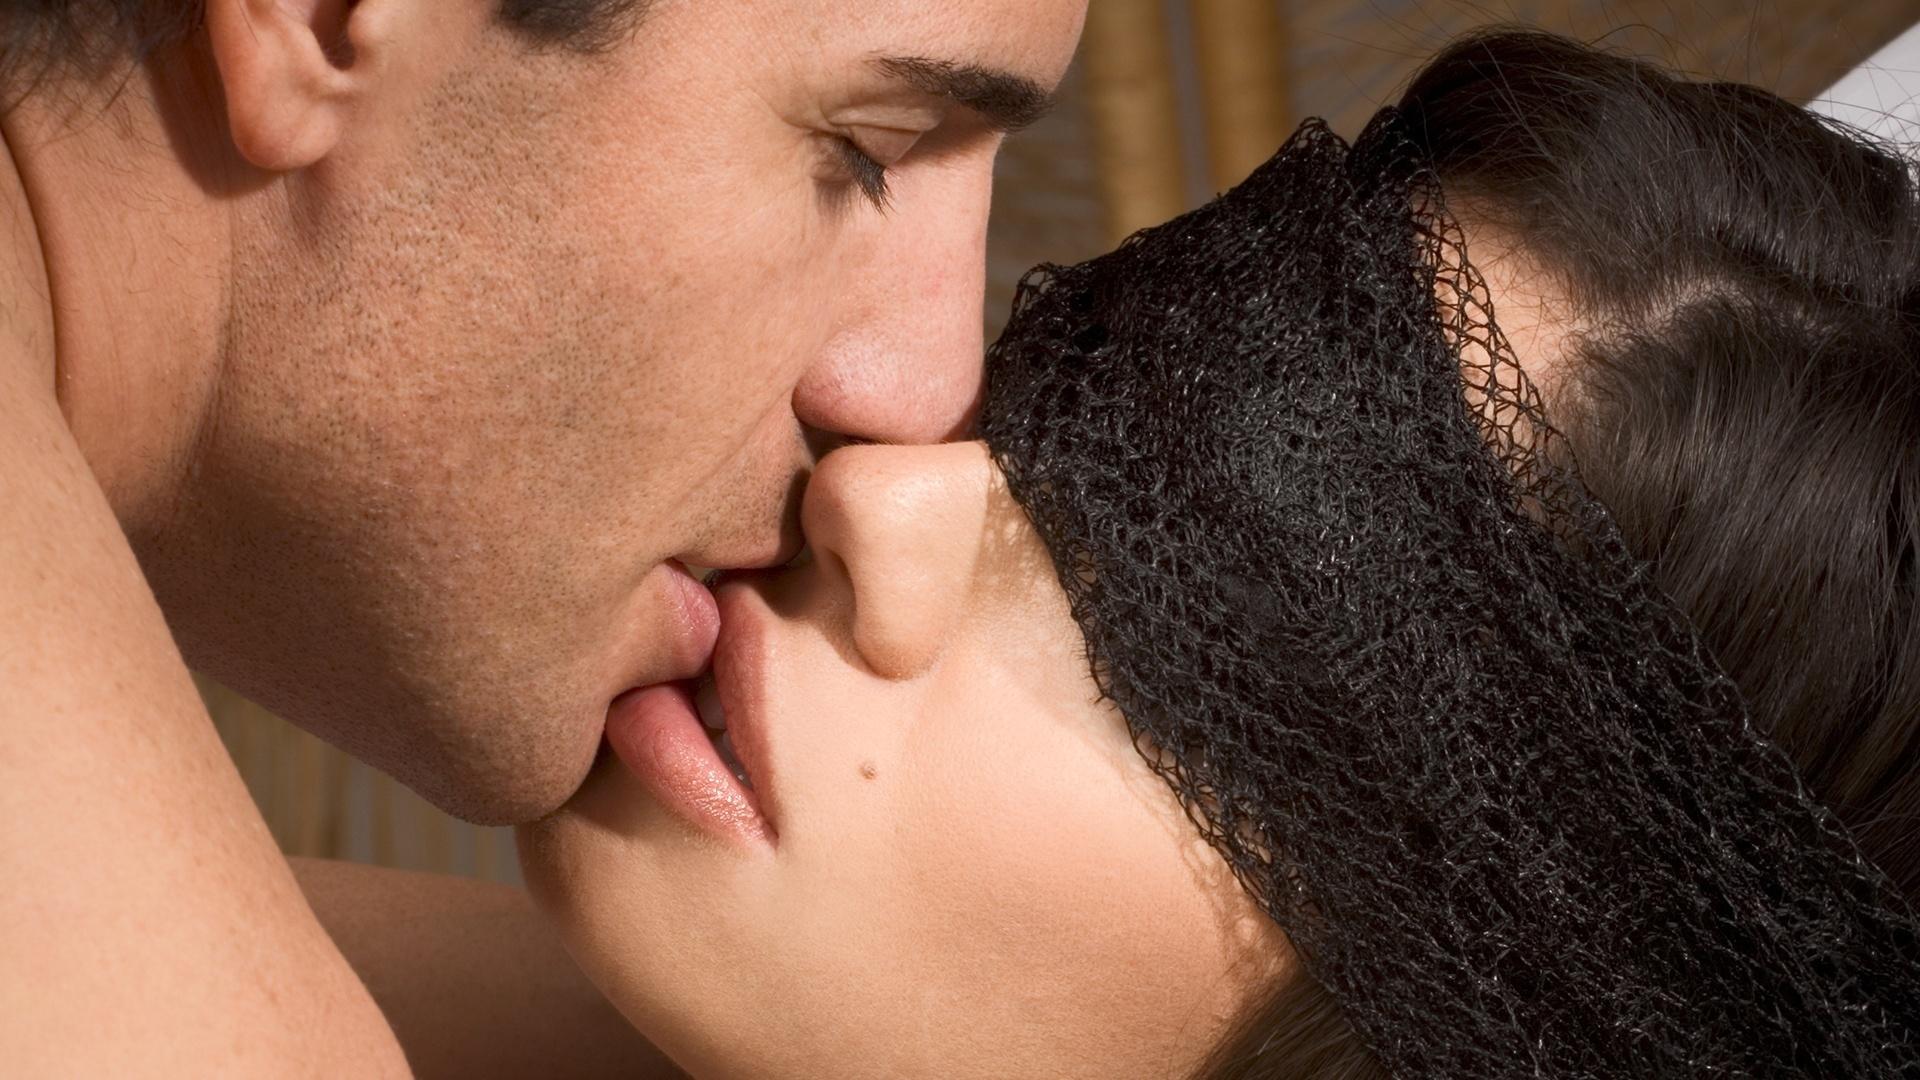 Пухлые фактурные губы фото крепикс, передаваемая